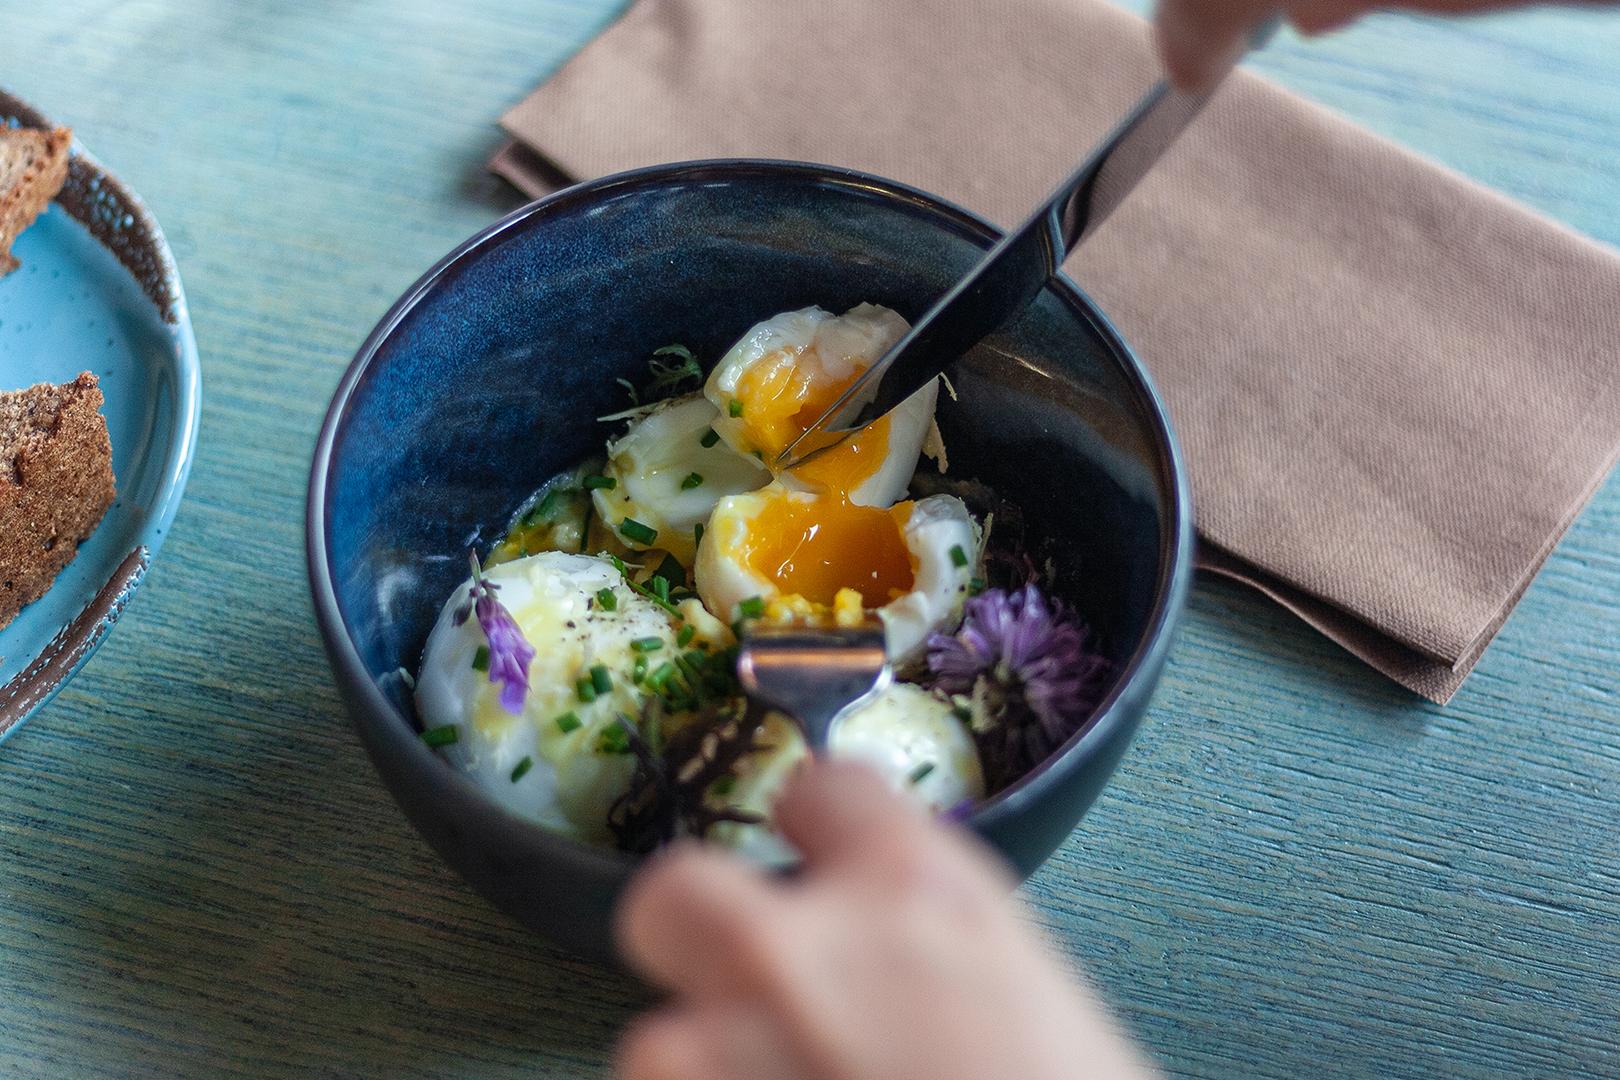 vejce do misky